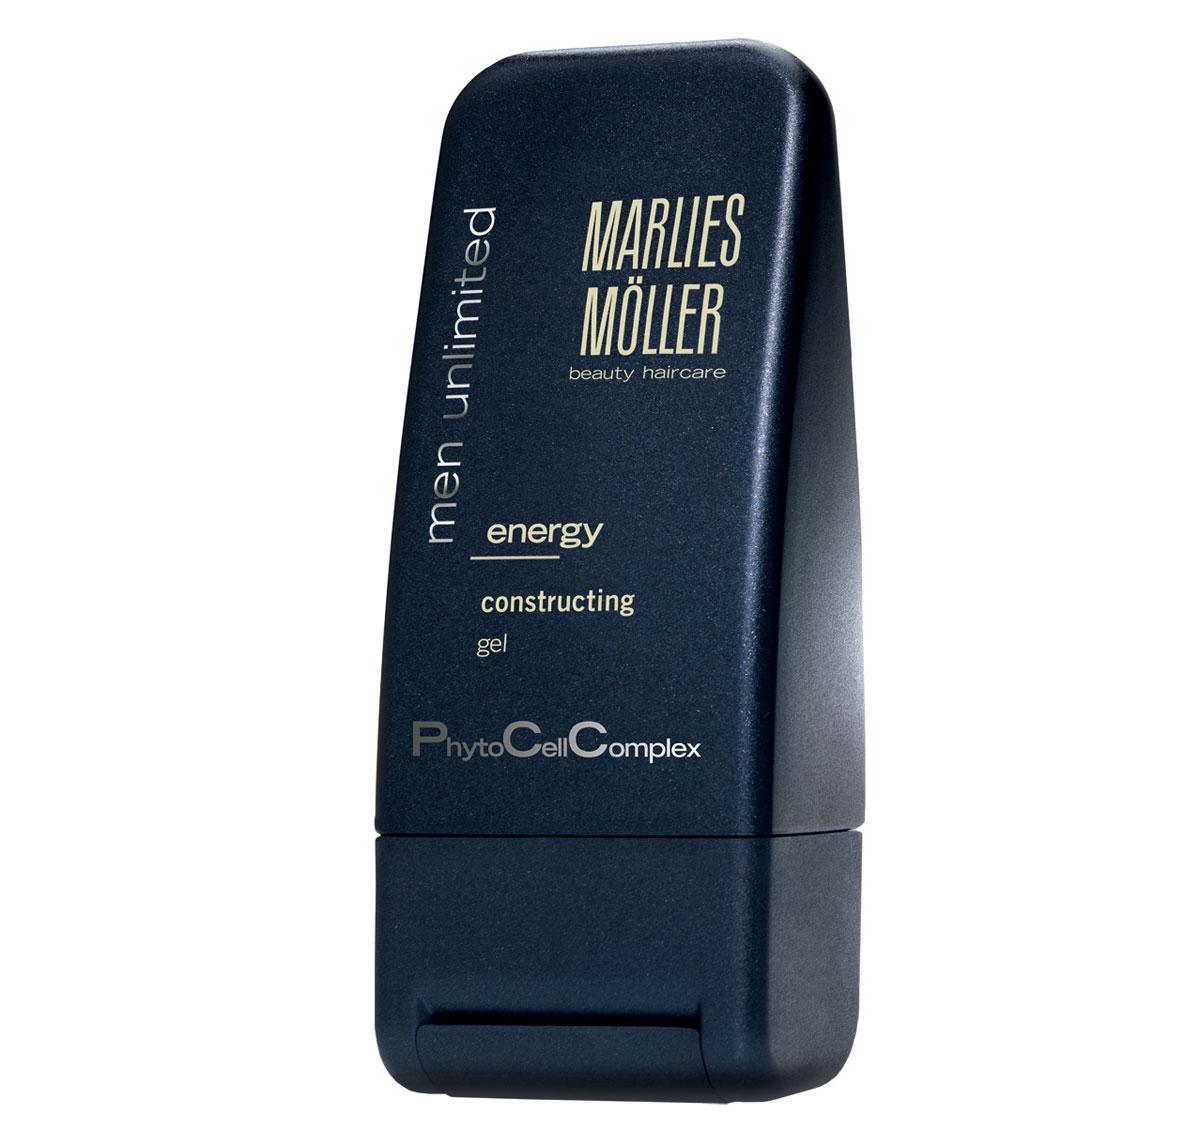 Marlies Moller Структурирующий гель для укладки волос Men Unlimited, для мужчин, 100 млMP59.4DГель рекомендуется для любого стиля, для любого типа волос. Придает волосам силу и обеспечивает естественную фиксацию. Сохраняет гибкость укладки, не склеивает волосы. Легко удаляется при расчесывании. Защищает от повреждающего действия УФ лучей и свободных радикалов. Обеспечивает волосам дополнительное увлажнение. Гель легко распределяется по волосам, имеет нелипкую текстуру, не утяжеляет волосы, полностью и легко смывается. Профессиональный совет: наносите гель на влажные волосы для создания современного делового стиля. Предварительно подсушите волосы полотенцем, затем часть волос, в зависимости от Ваших предпочтений, расчешите в нужном направлении. Нанесите на ладонь небольшое количество геля (размером с грецкий орех) и придайте форму прическе. Закрепите фиксацию с помощью теплового воздействия фена. Можно наносить гель на сухие волосы для создания спортивного стиля. Нанесите гель на ладони и взъерошьте сухие волосы руками. Затем возьмите еще немного средства и придайте форму отдельным прядям.Возьмите небольшое количество средства. В зависимости от желаемого эффекта нанесите на сухие или подсушенные полотенцем волосы. Уложите как обычно.